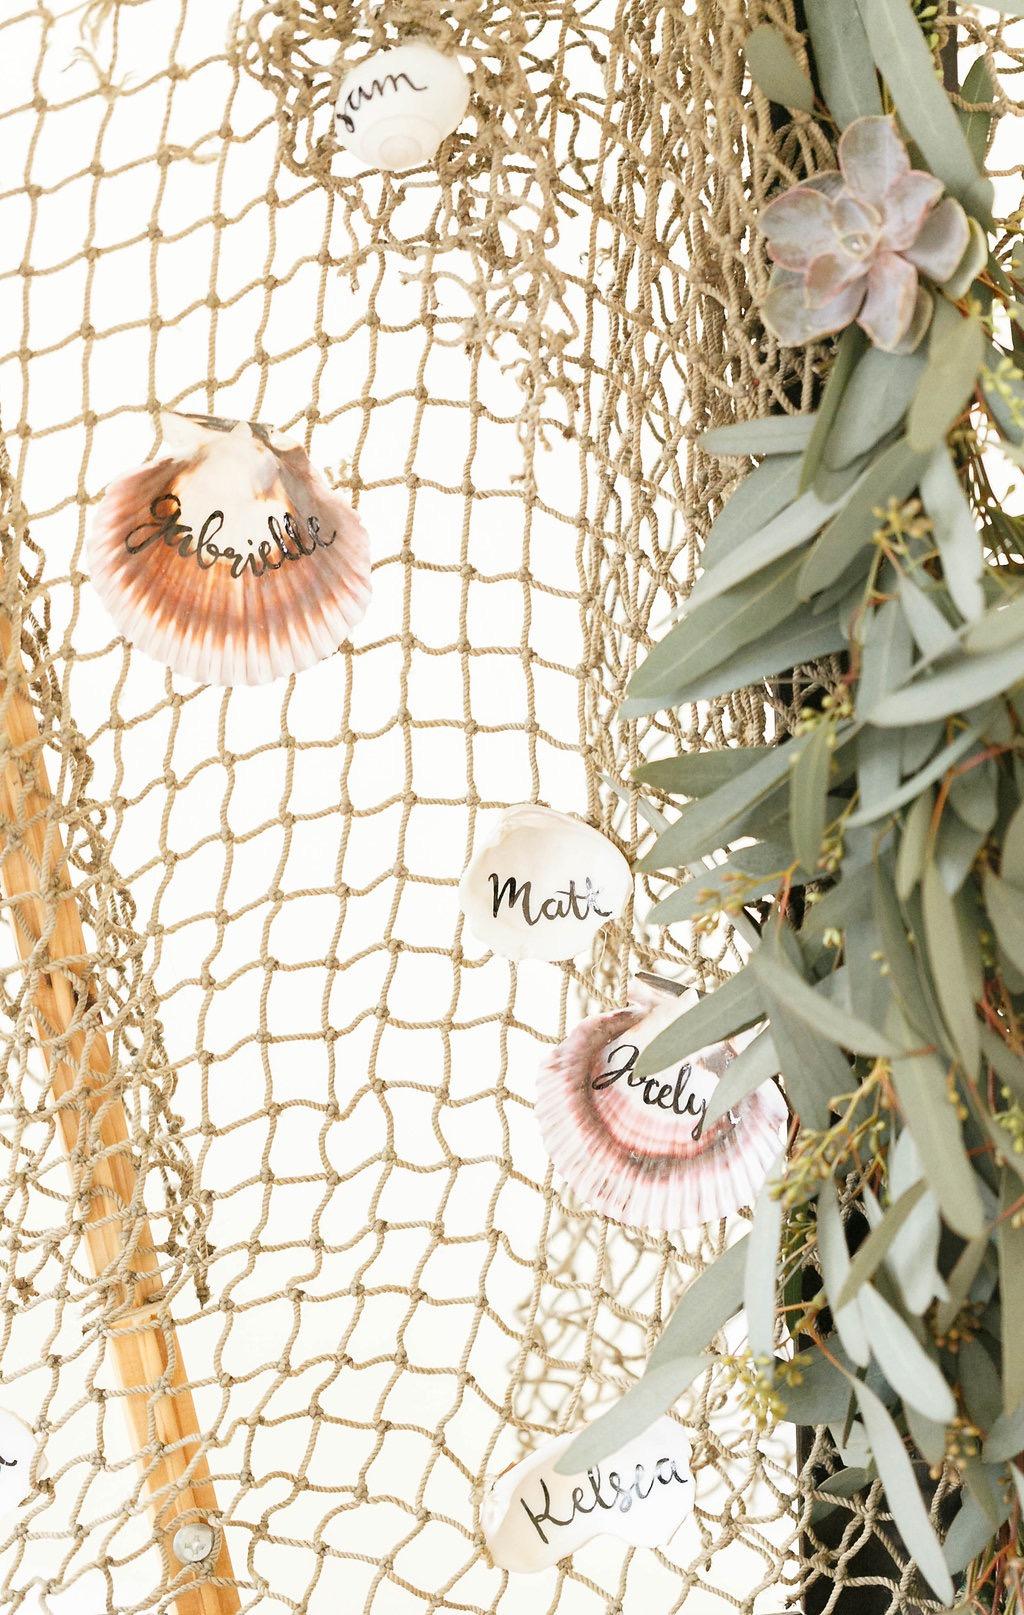 MermaidInspiredWeddingWoman'sClubofPortsmouthbyVirginiaAshleyPhotography-169.jpg